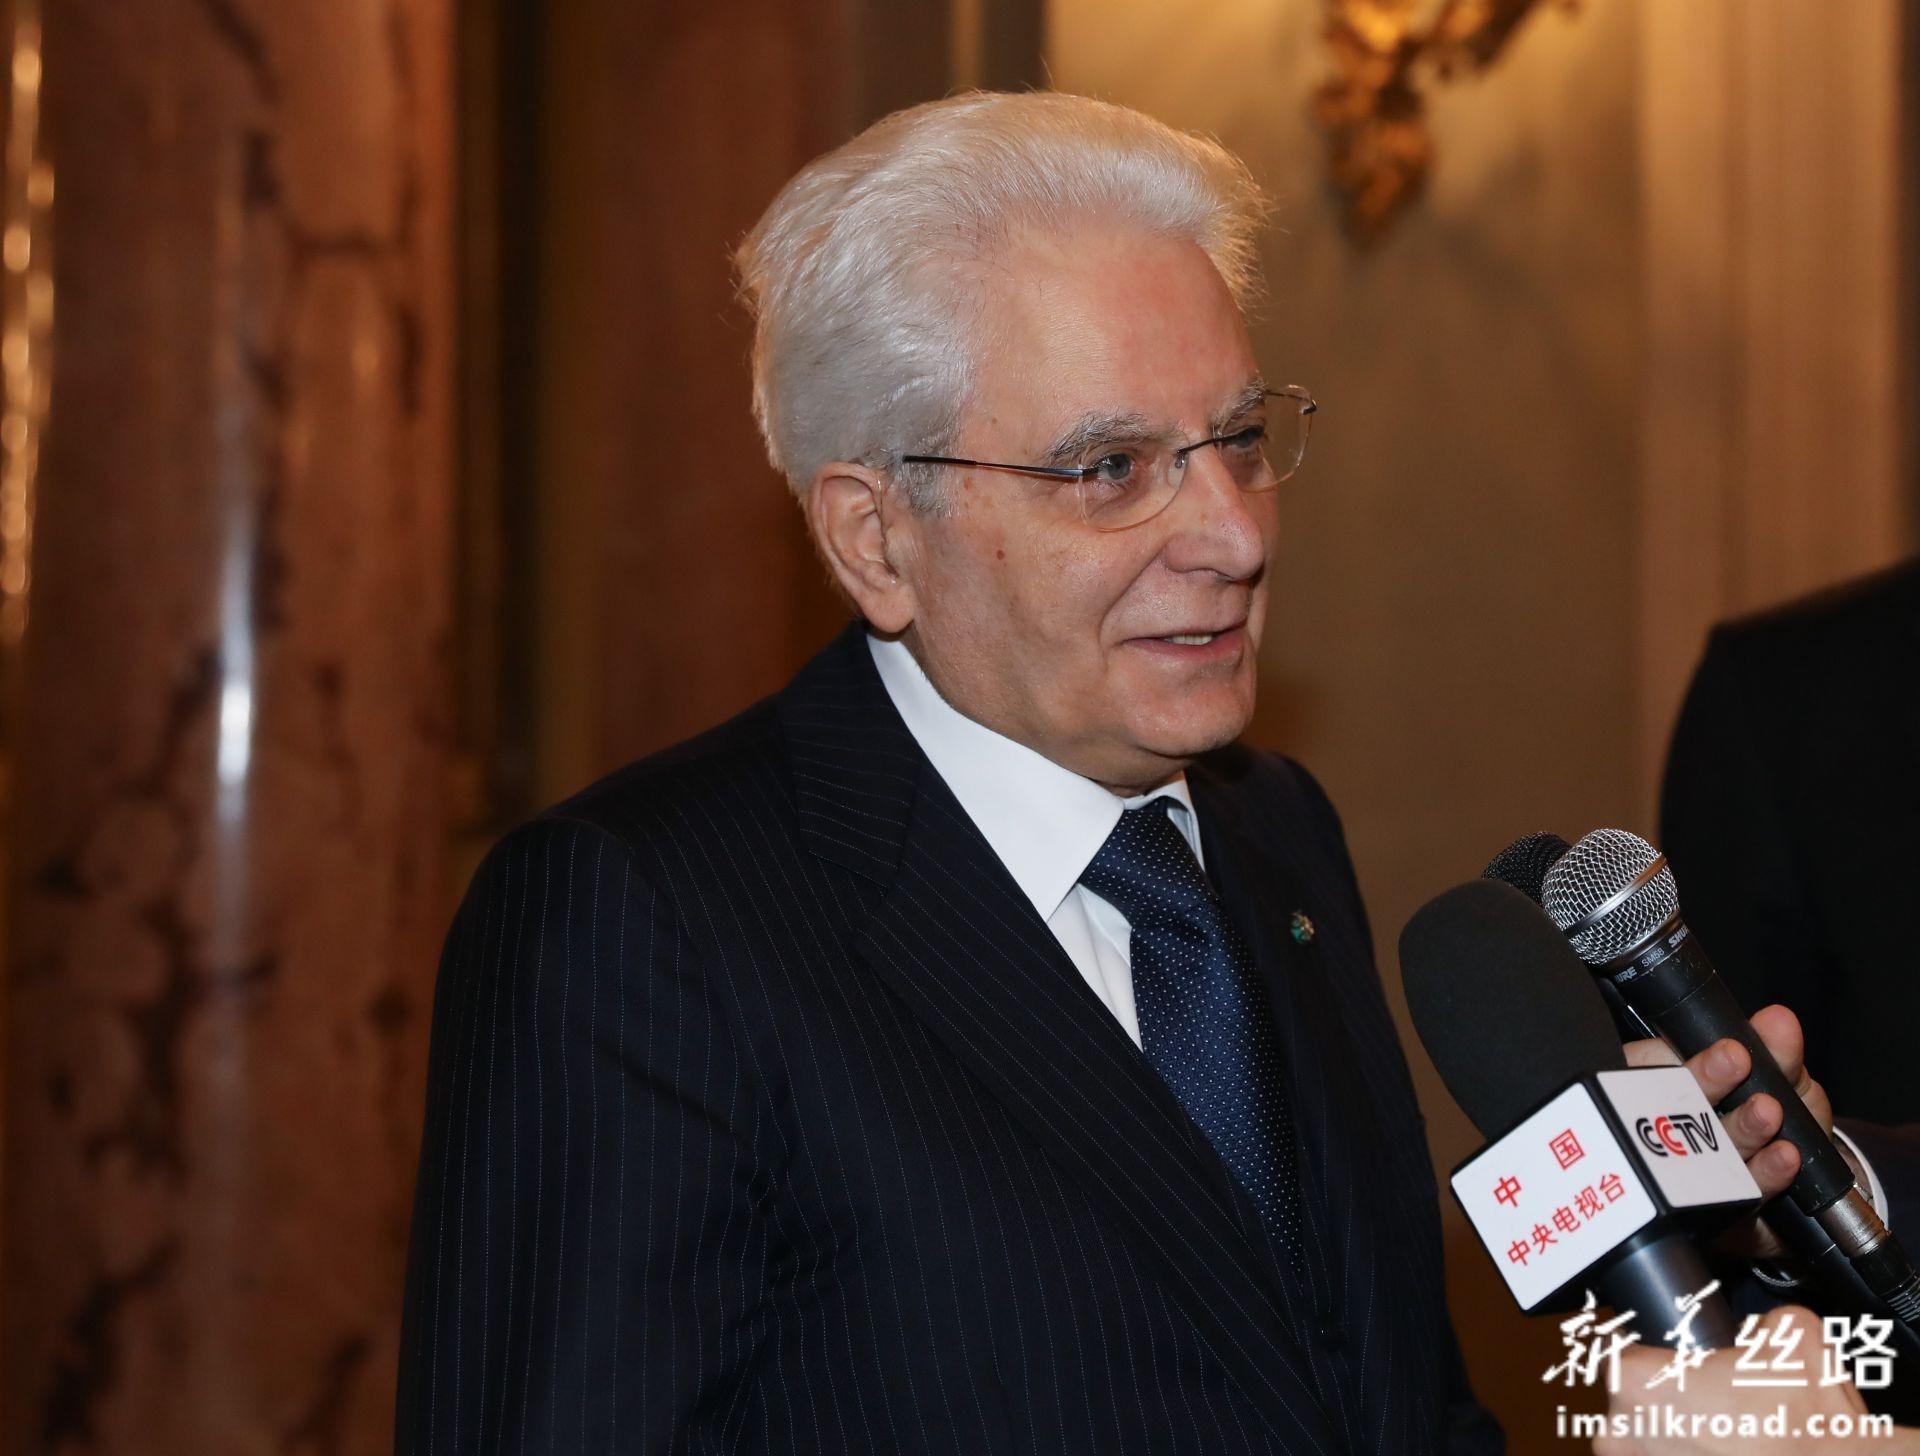 2月13日,在意大利罗马总统府奎里纳莱宫,意大利总统马塔雷拉于音乐会开始前接受记者采访。新华社记者 程婷婷 摄